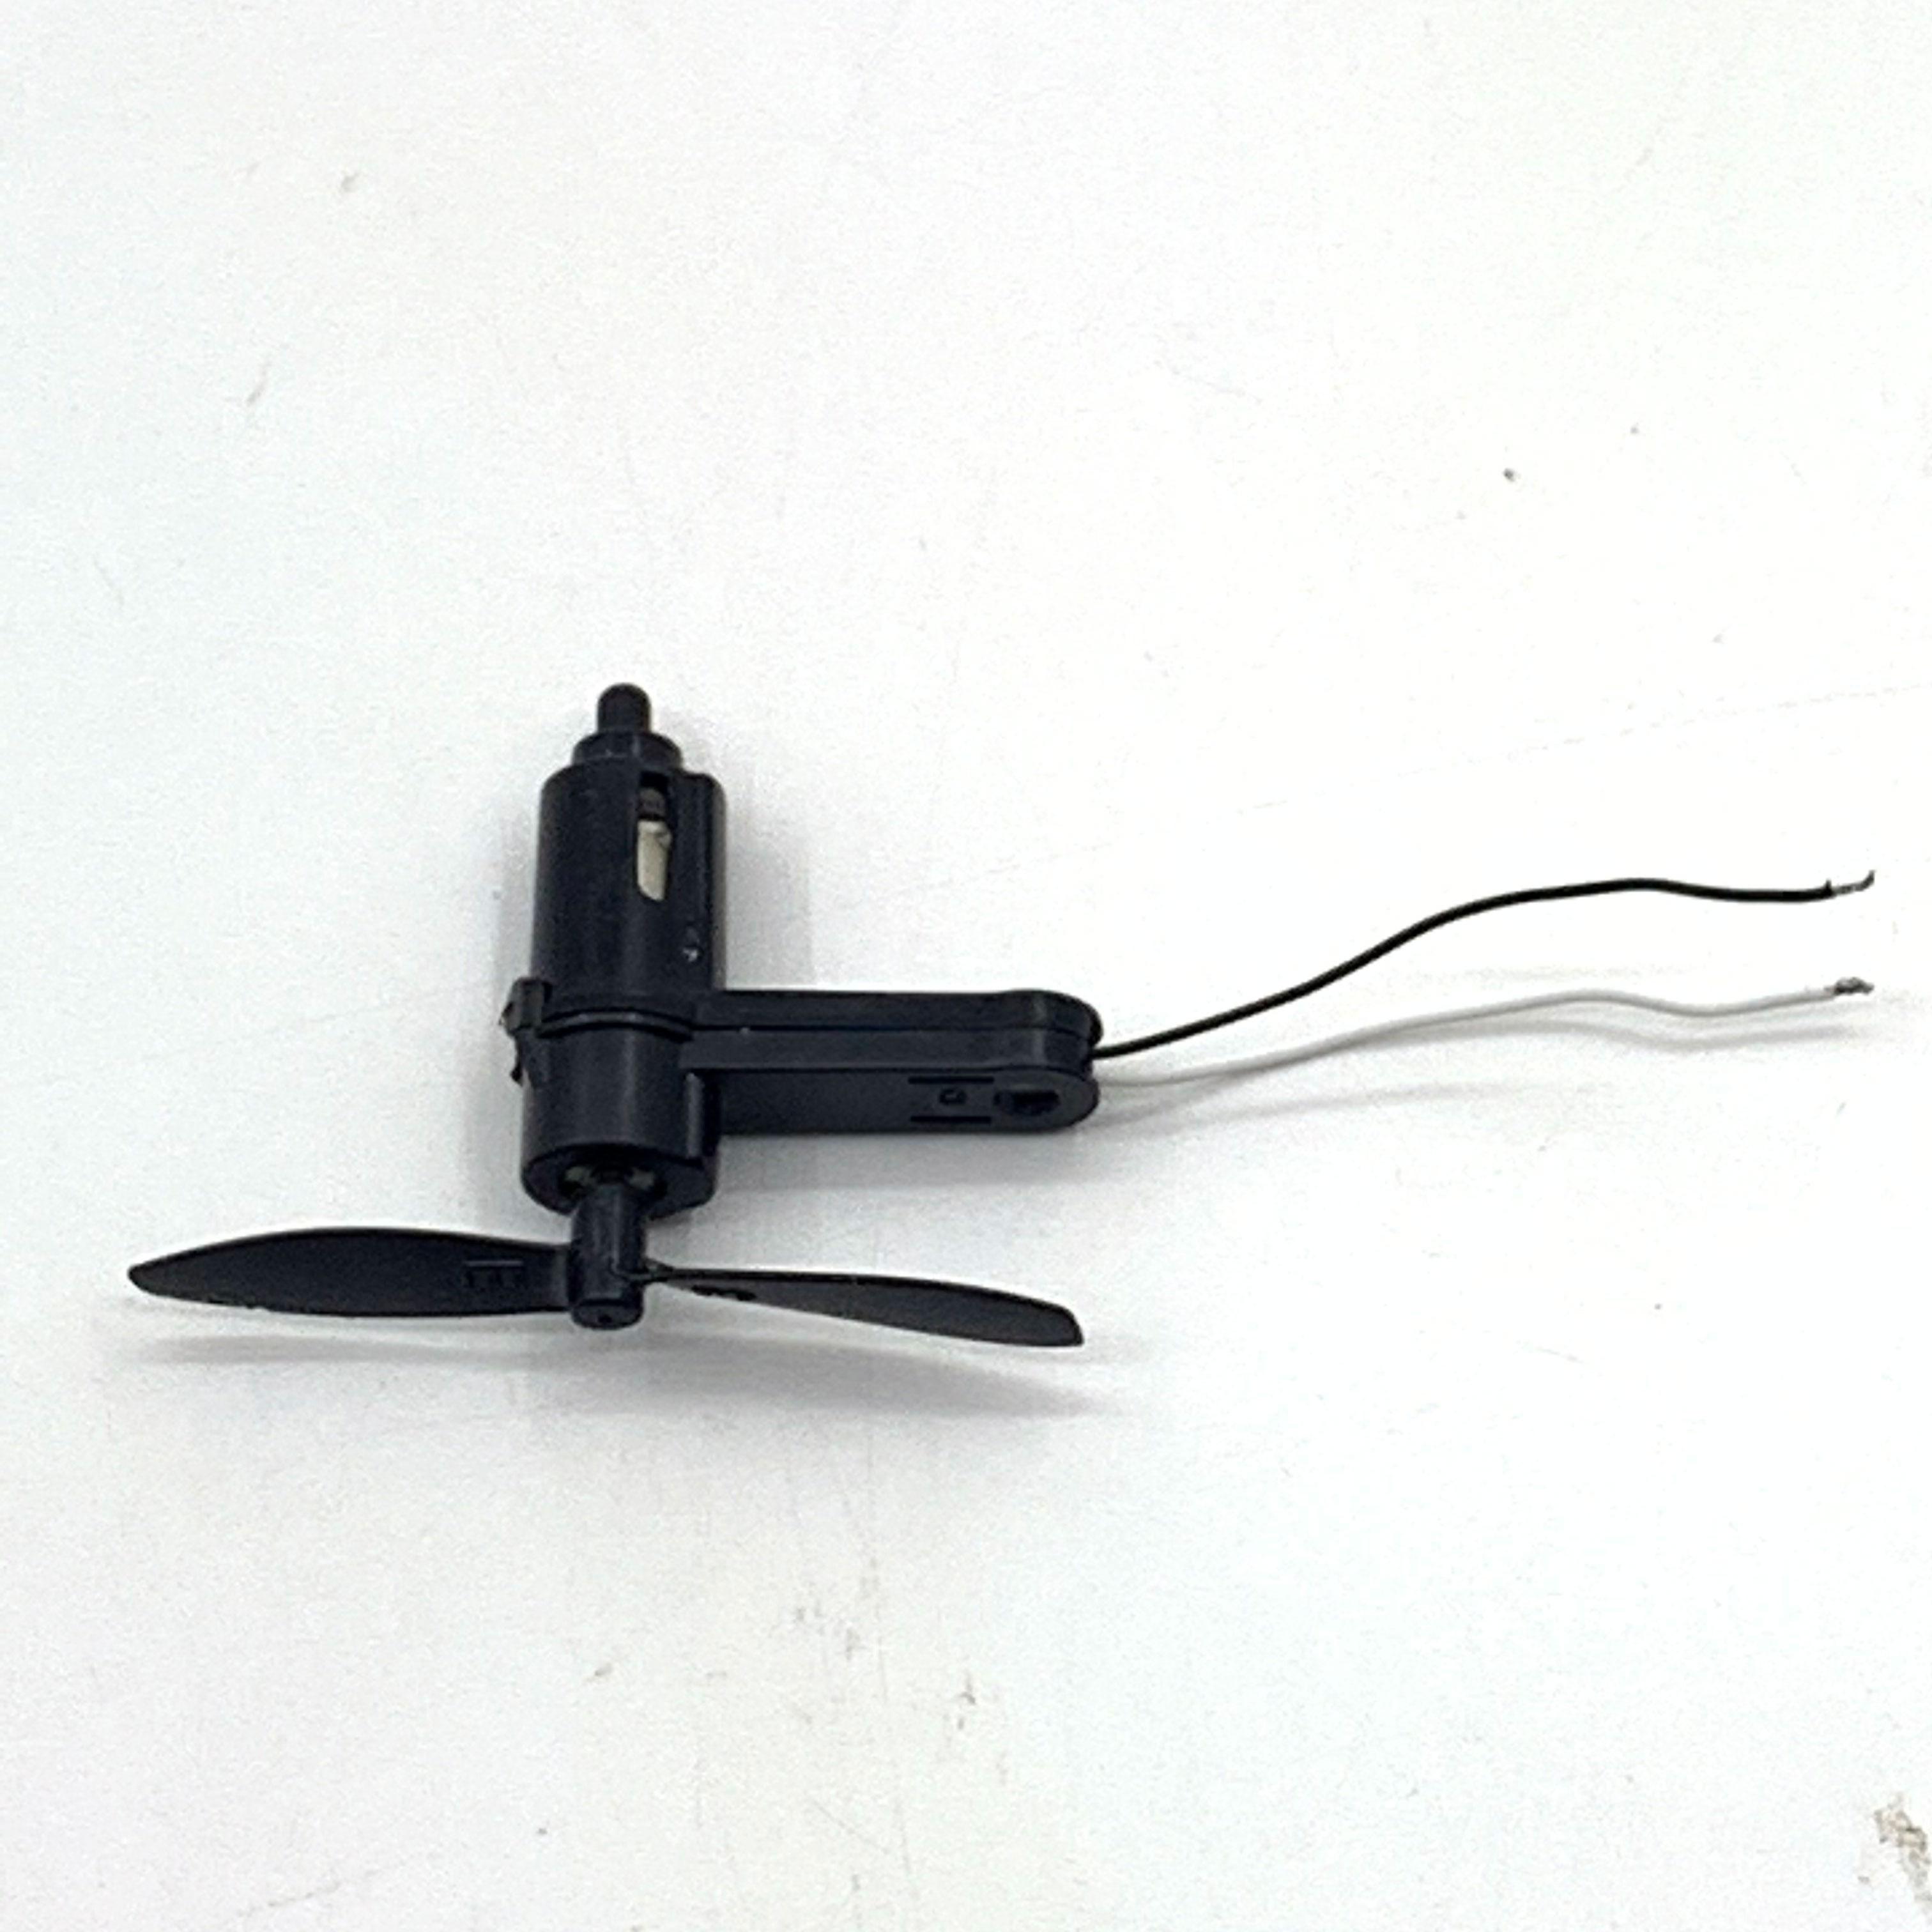 D2 D9 мини беспилотные летательные аппараты с оригинального дрона аксессуары часть дистанционного Управление двигатель запасных Запчасти для RC аксессуары для Дронов для D2 D9